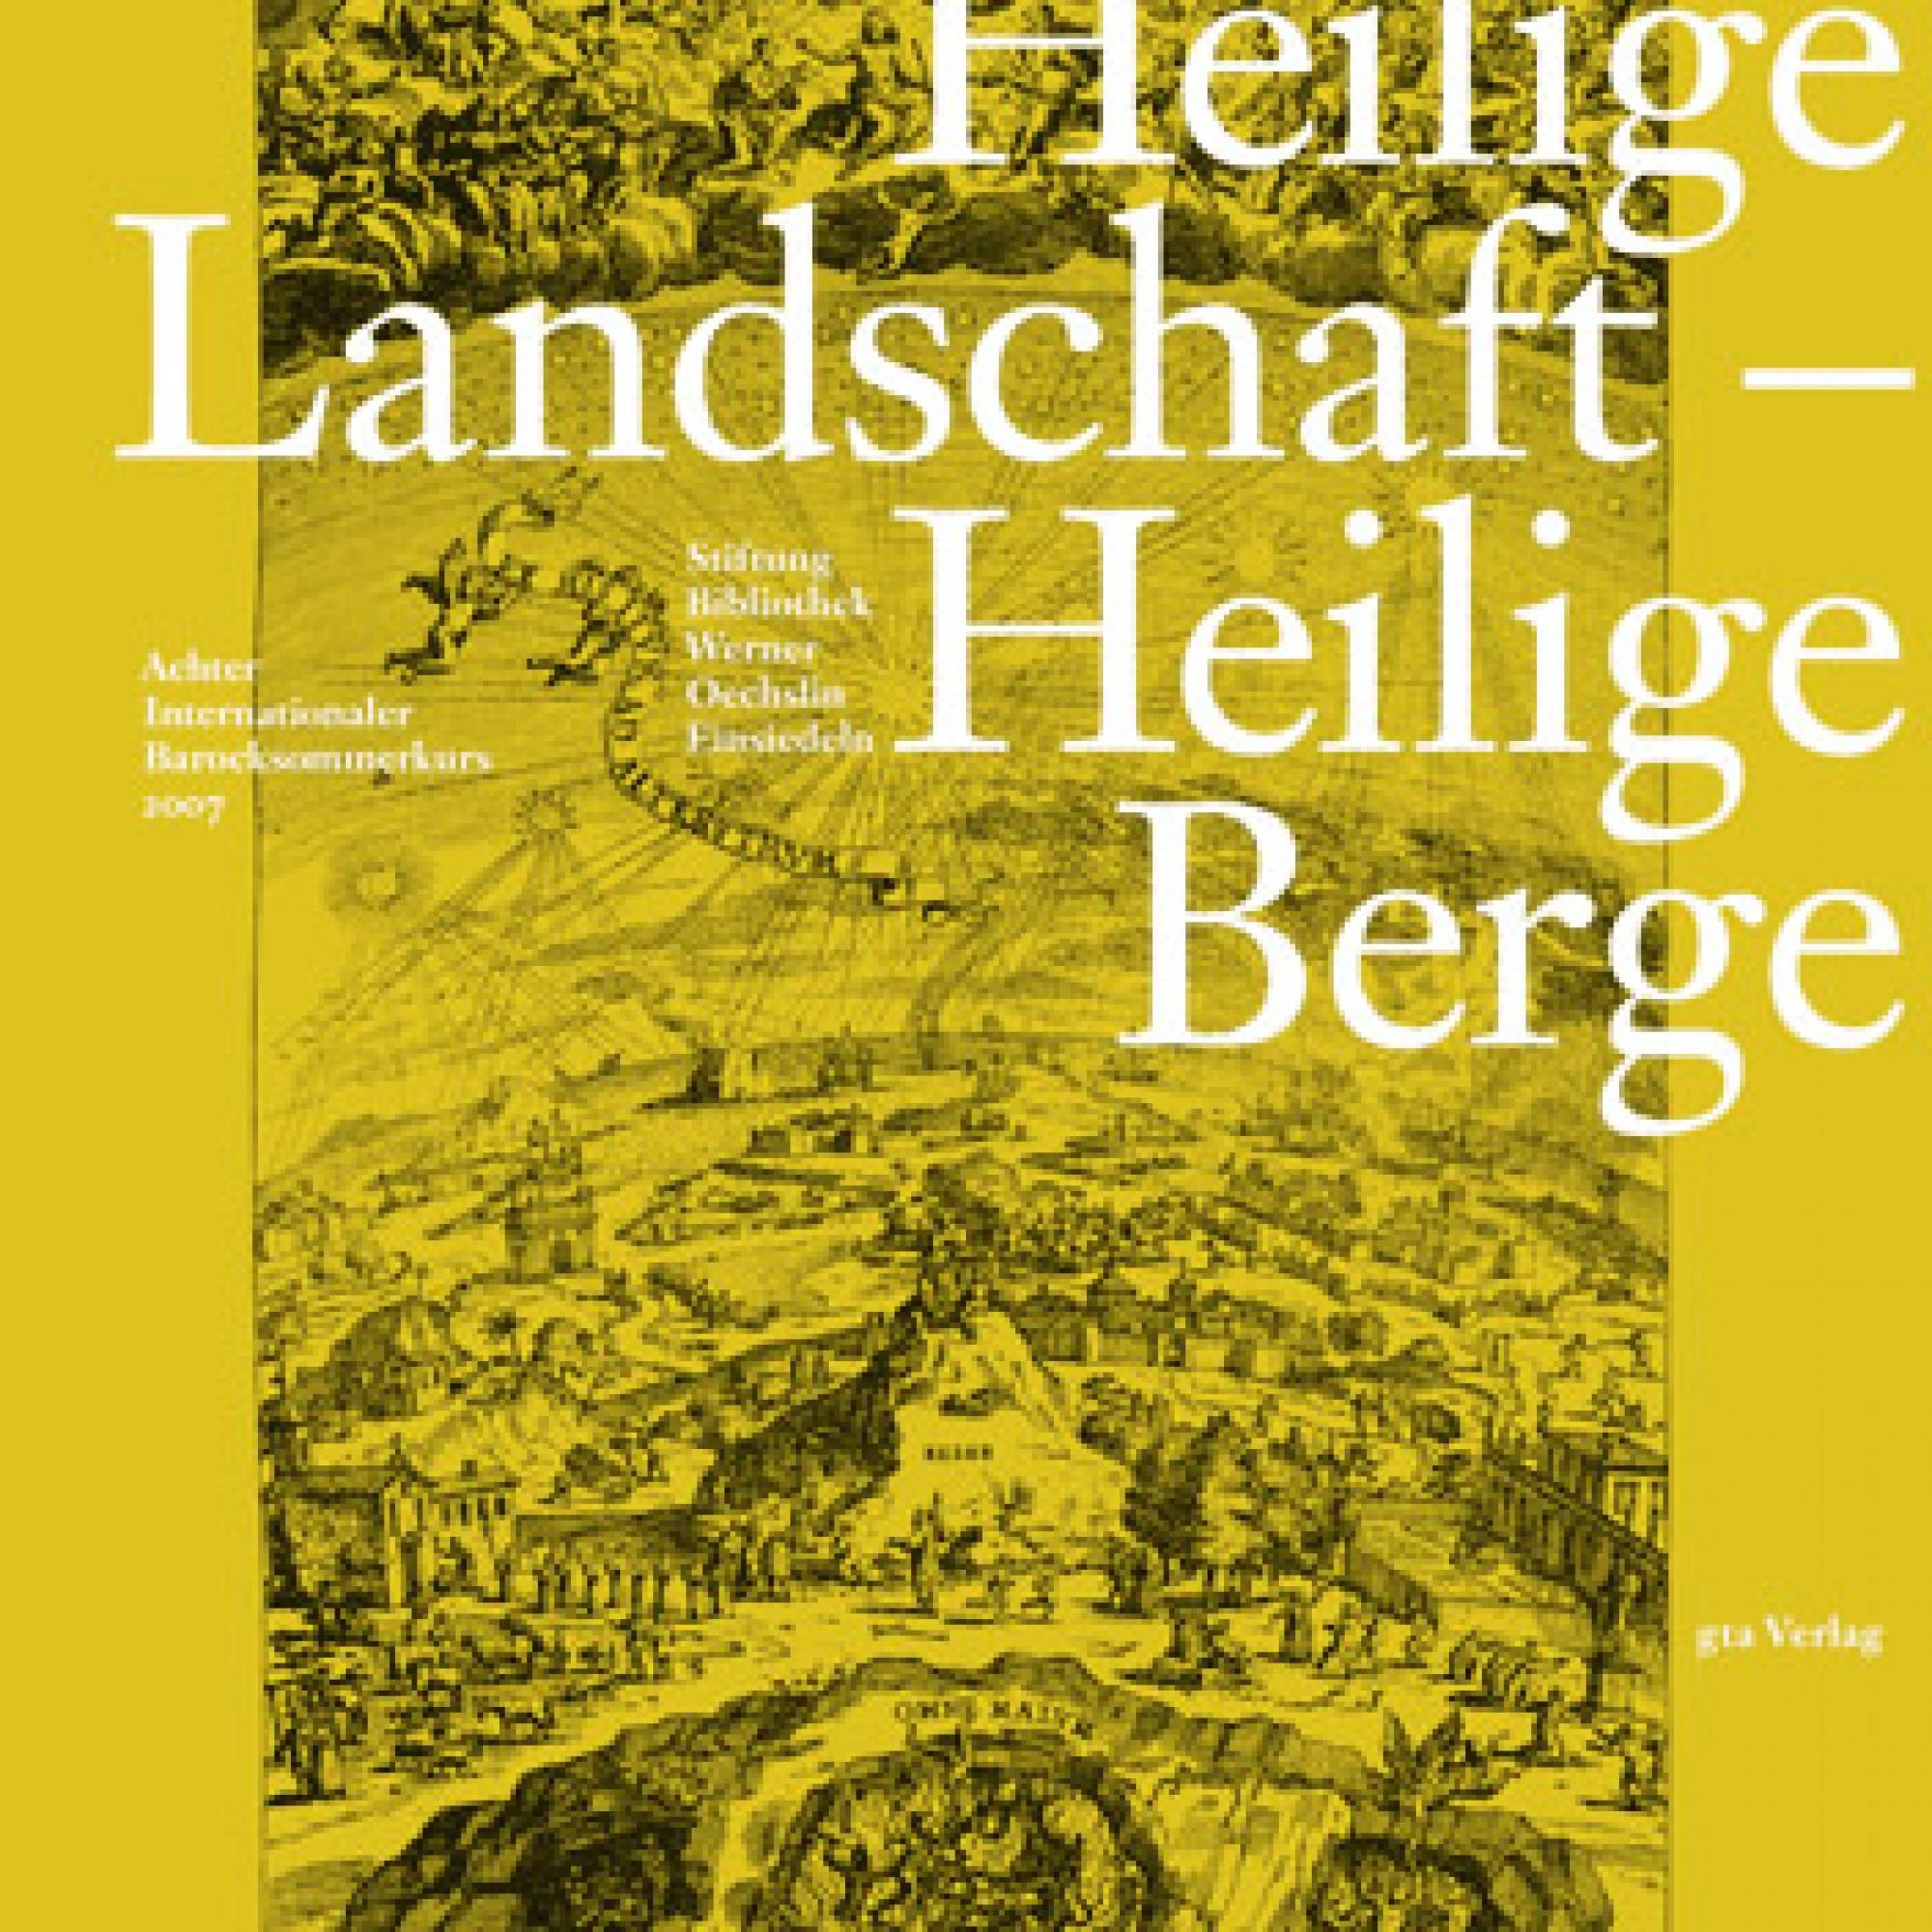 Stiftung Bibliothek Werner Oechslin (Hrsg.) – Heilige Landschaft – Heilige Berge